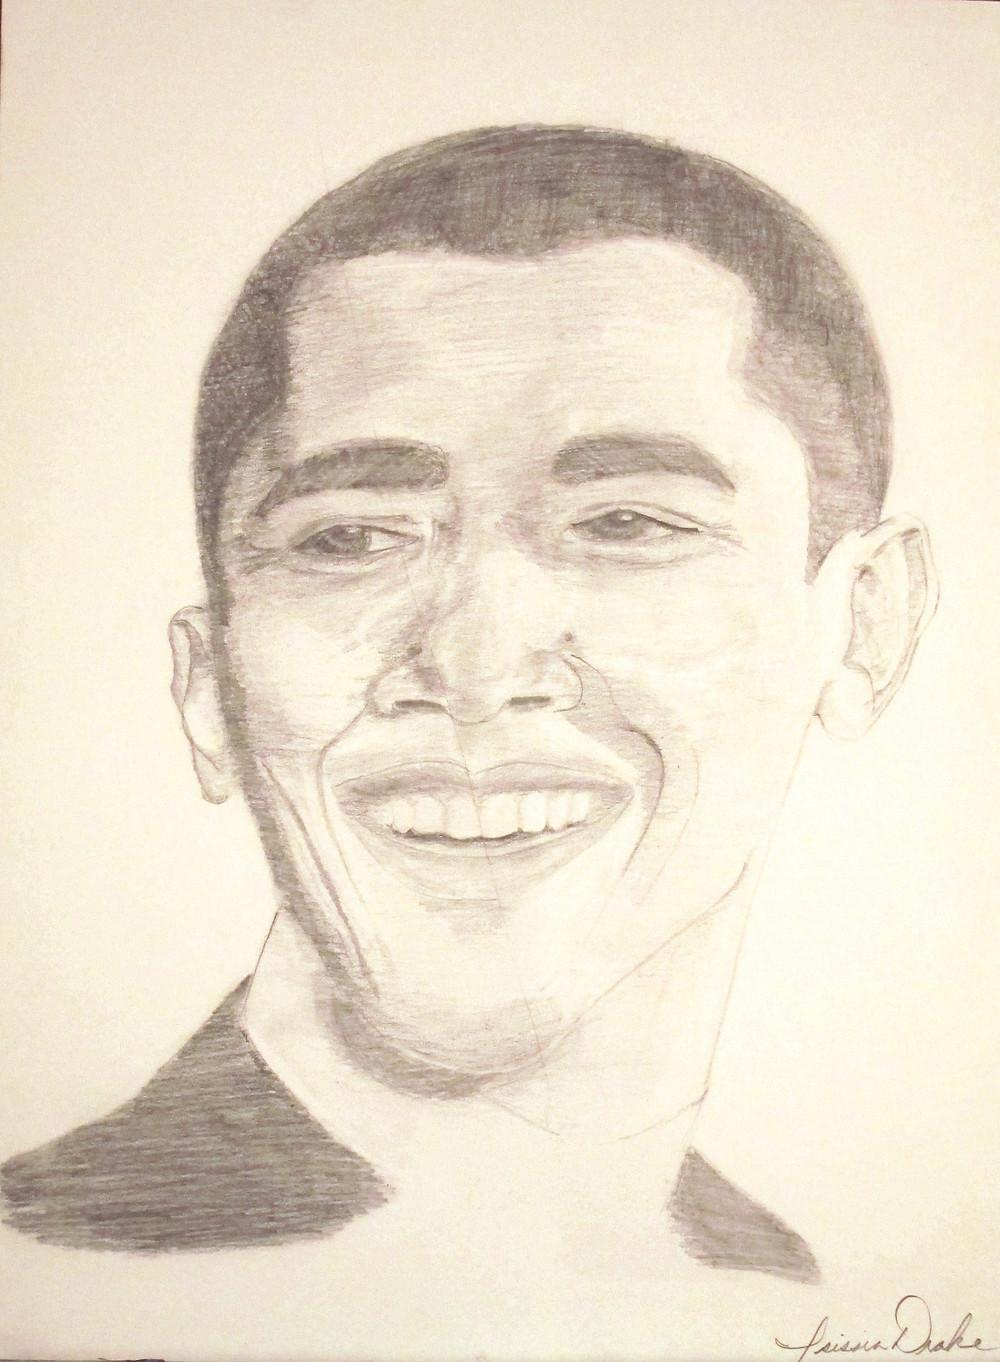 Drawing of Barack Obama